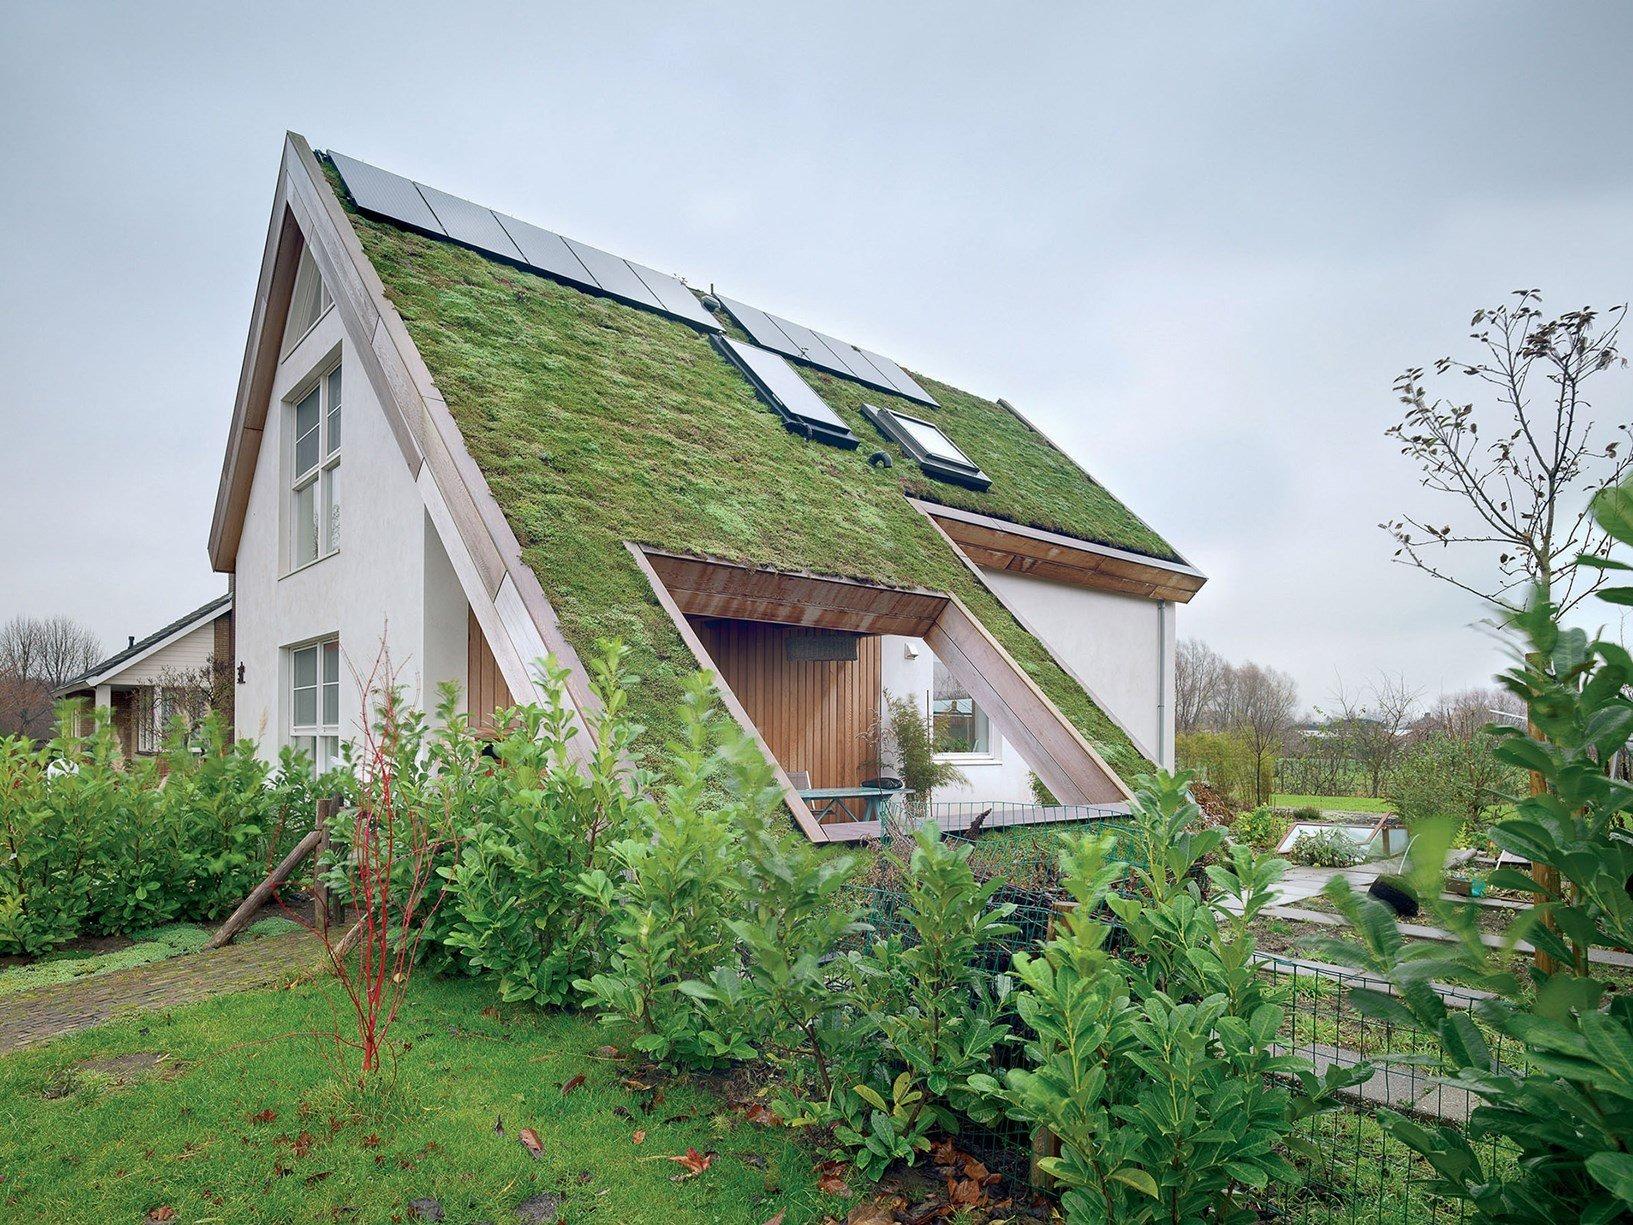 EDIFICIO PASSIVO. Voler costruire con un occhio attento all'ambiente e al risparmio energetico.